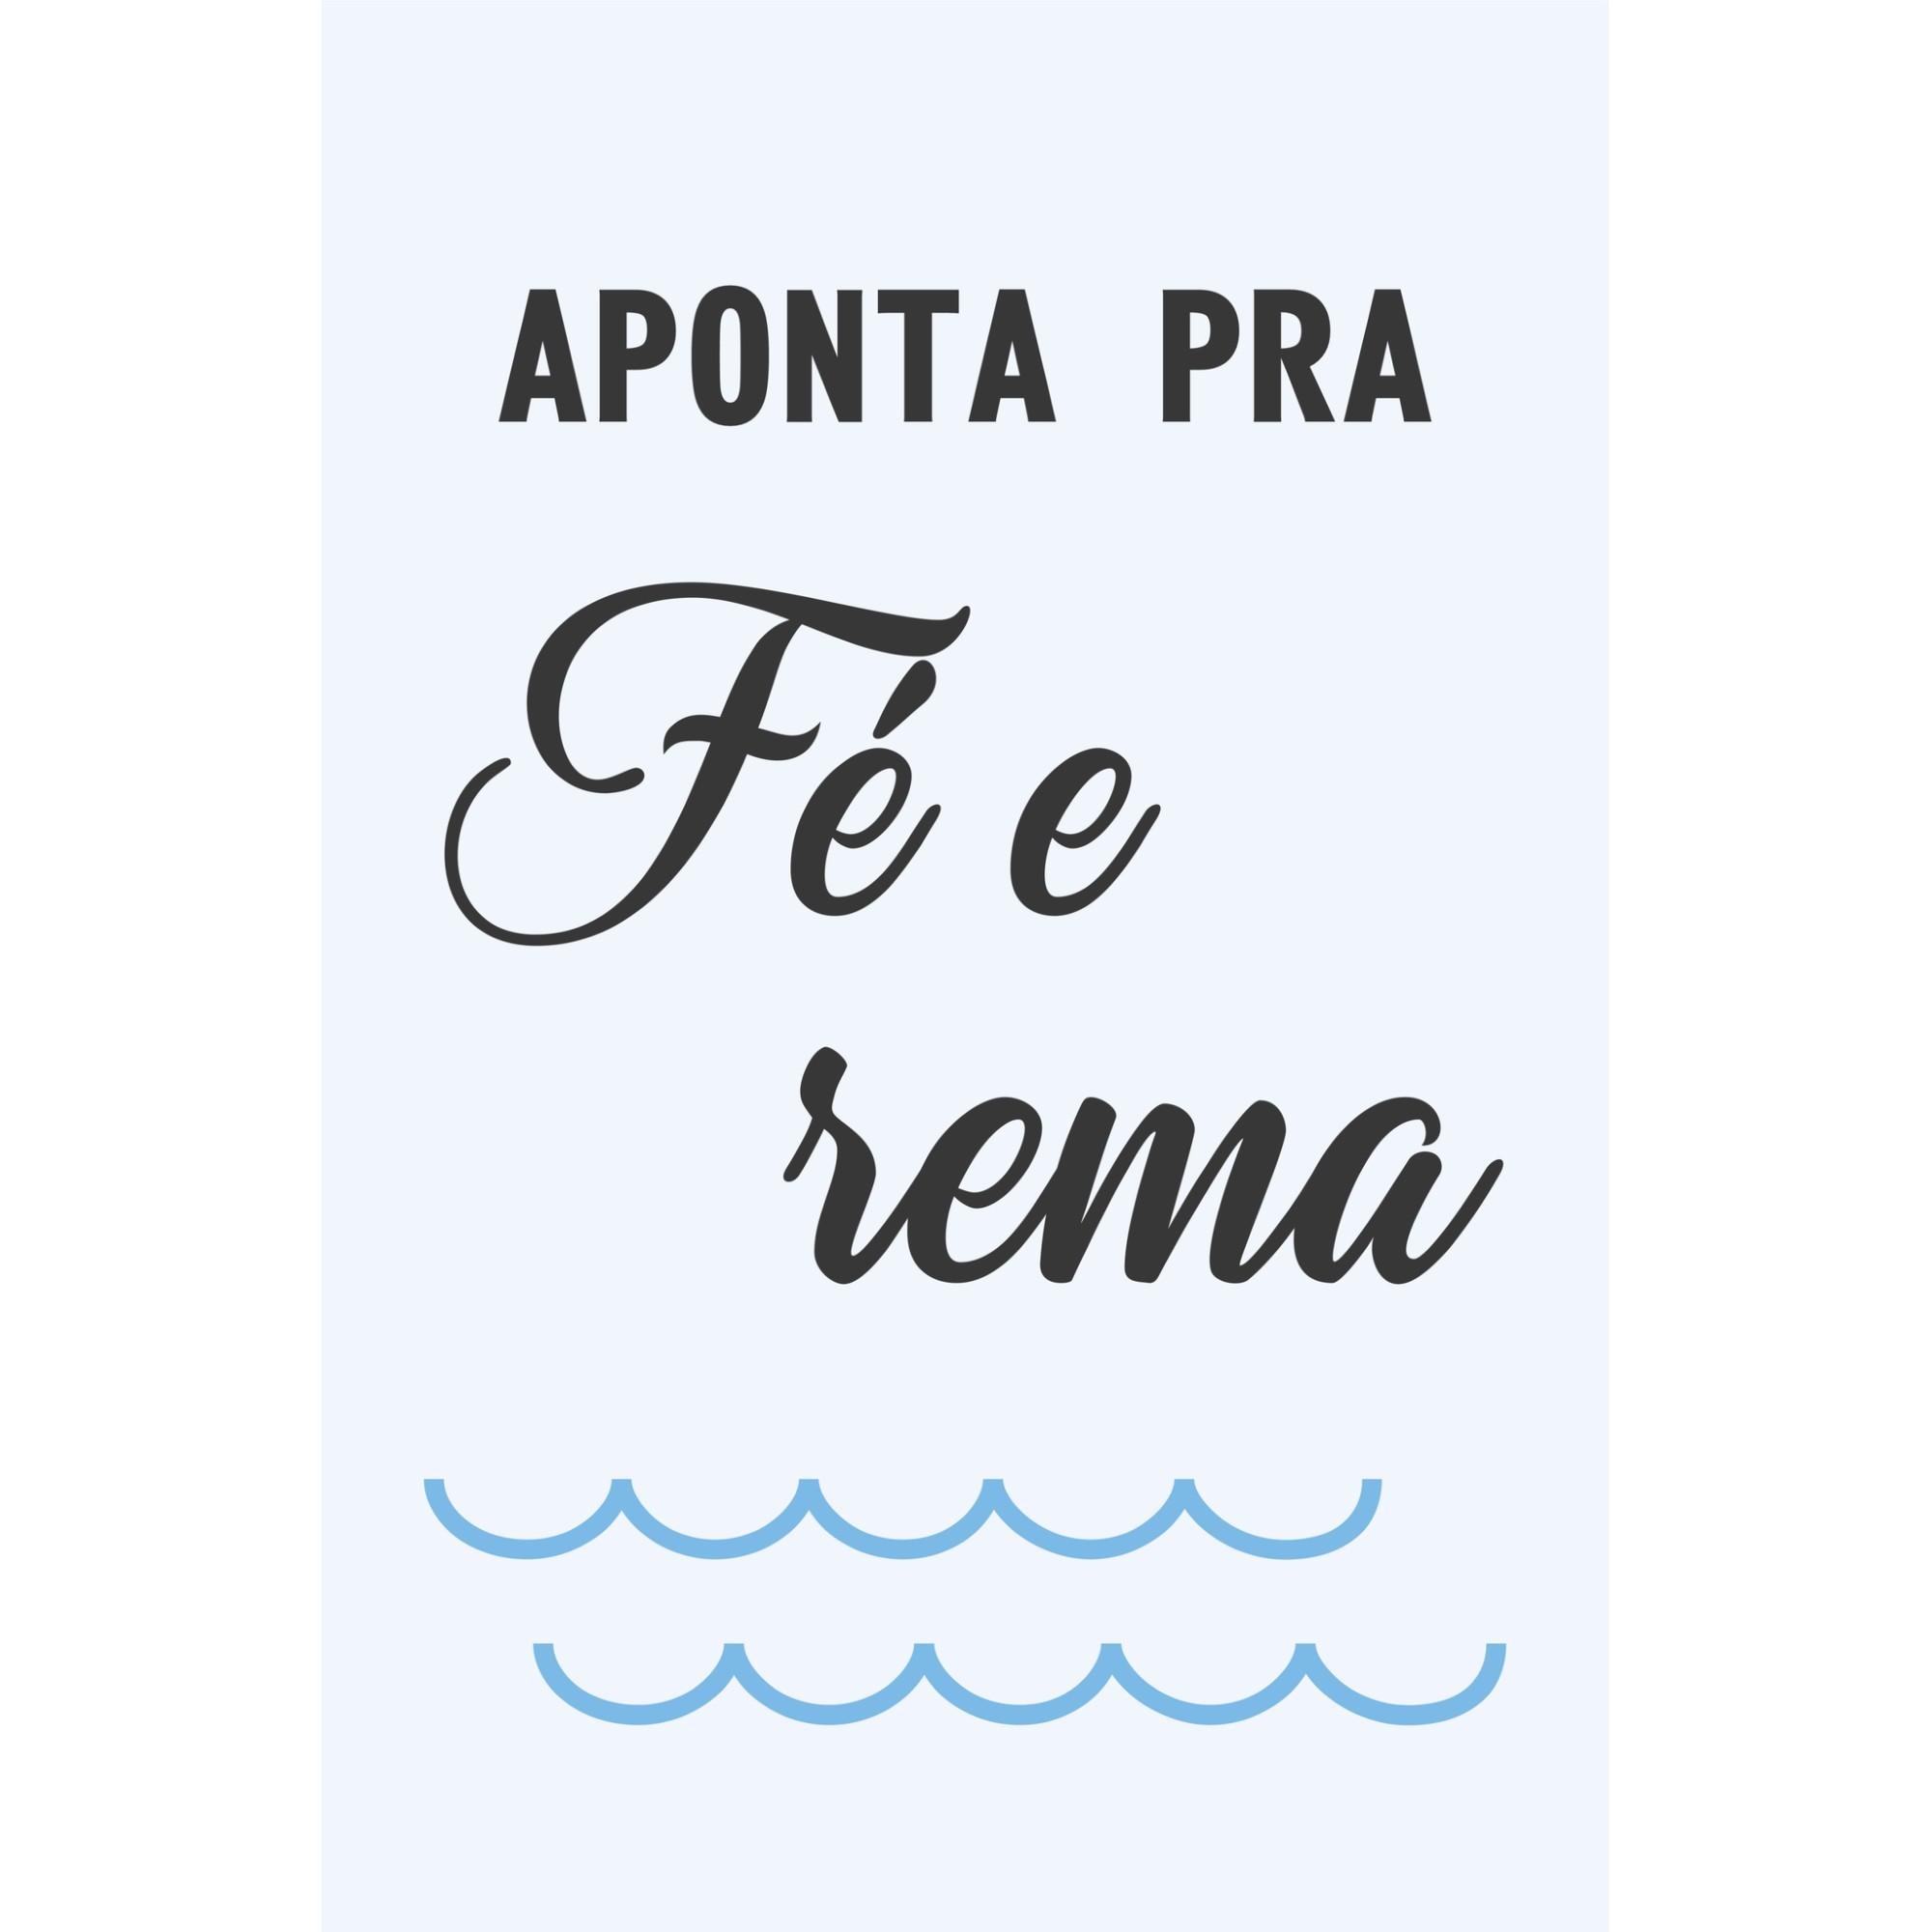 Placa Decorativa Aponta Pra Fe e Rema 20 x 30 cm - Kapos